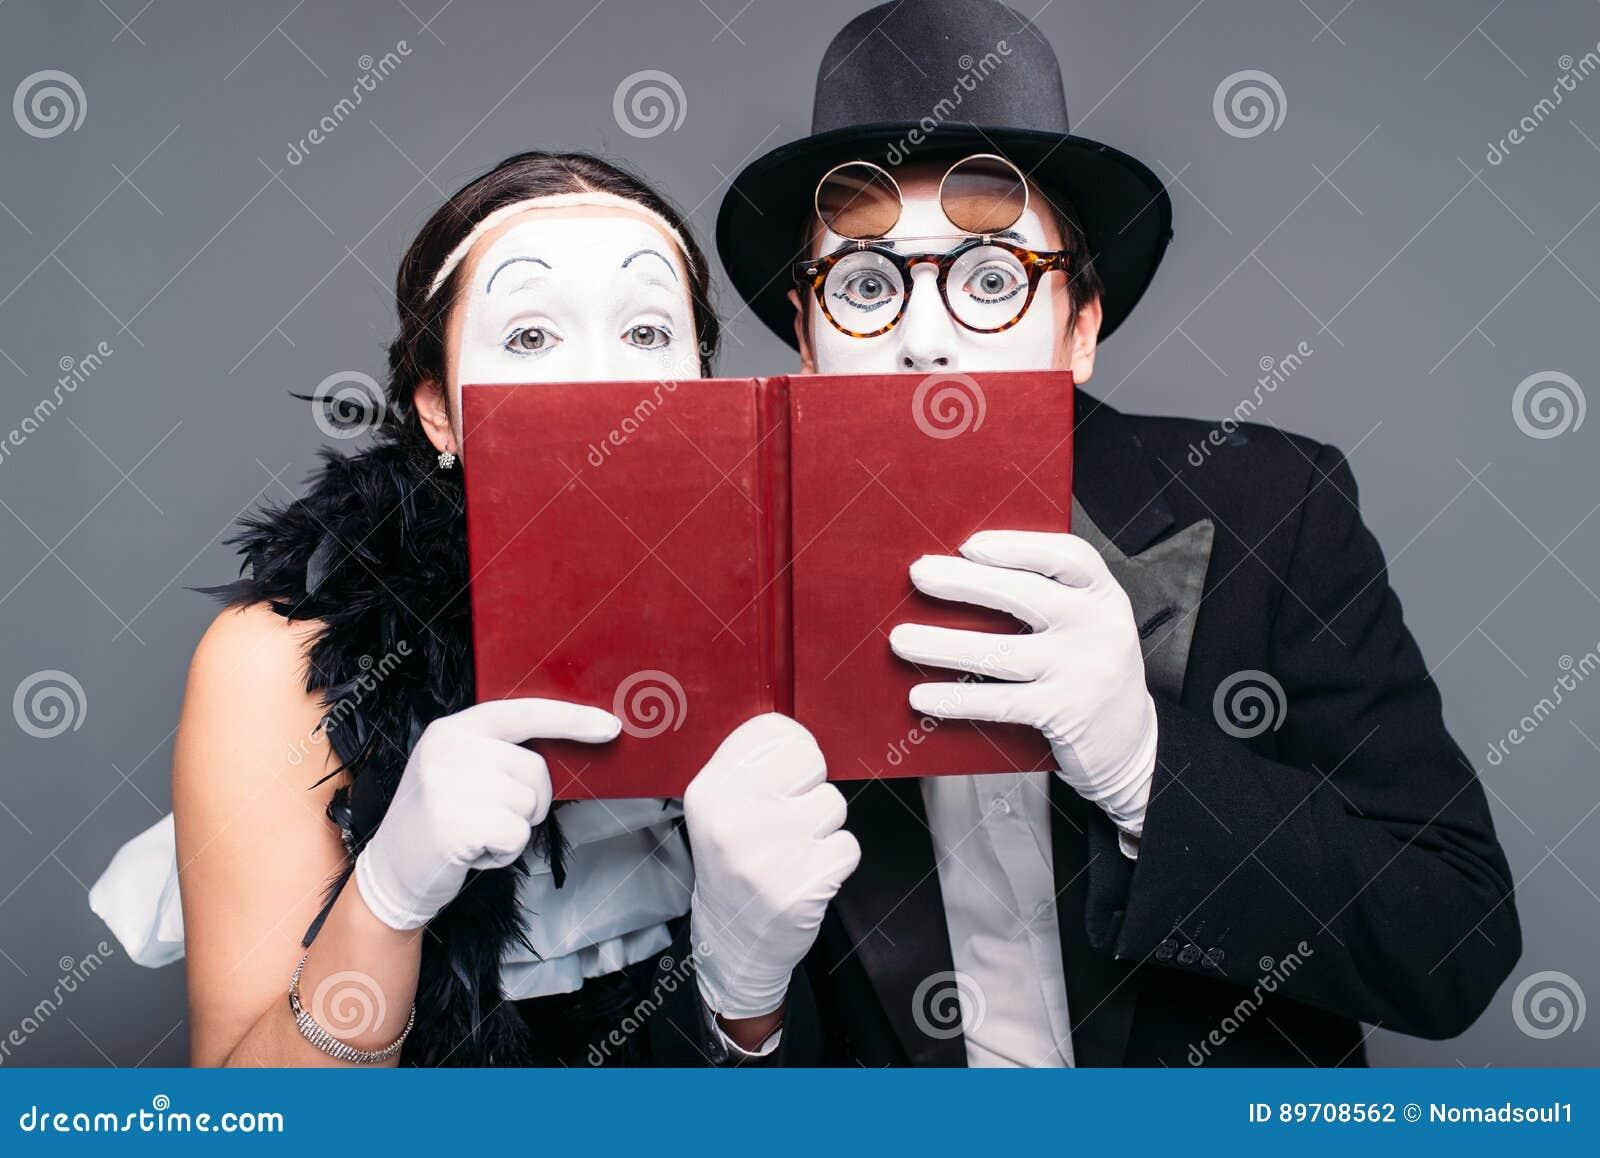 摆在与书的两个喜剧执行者